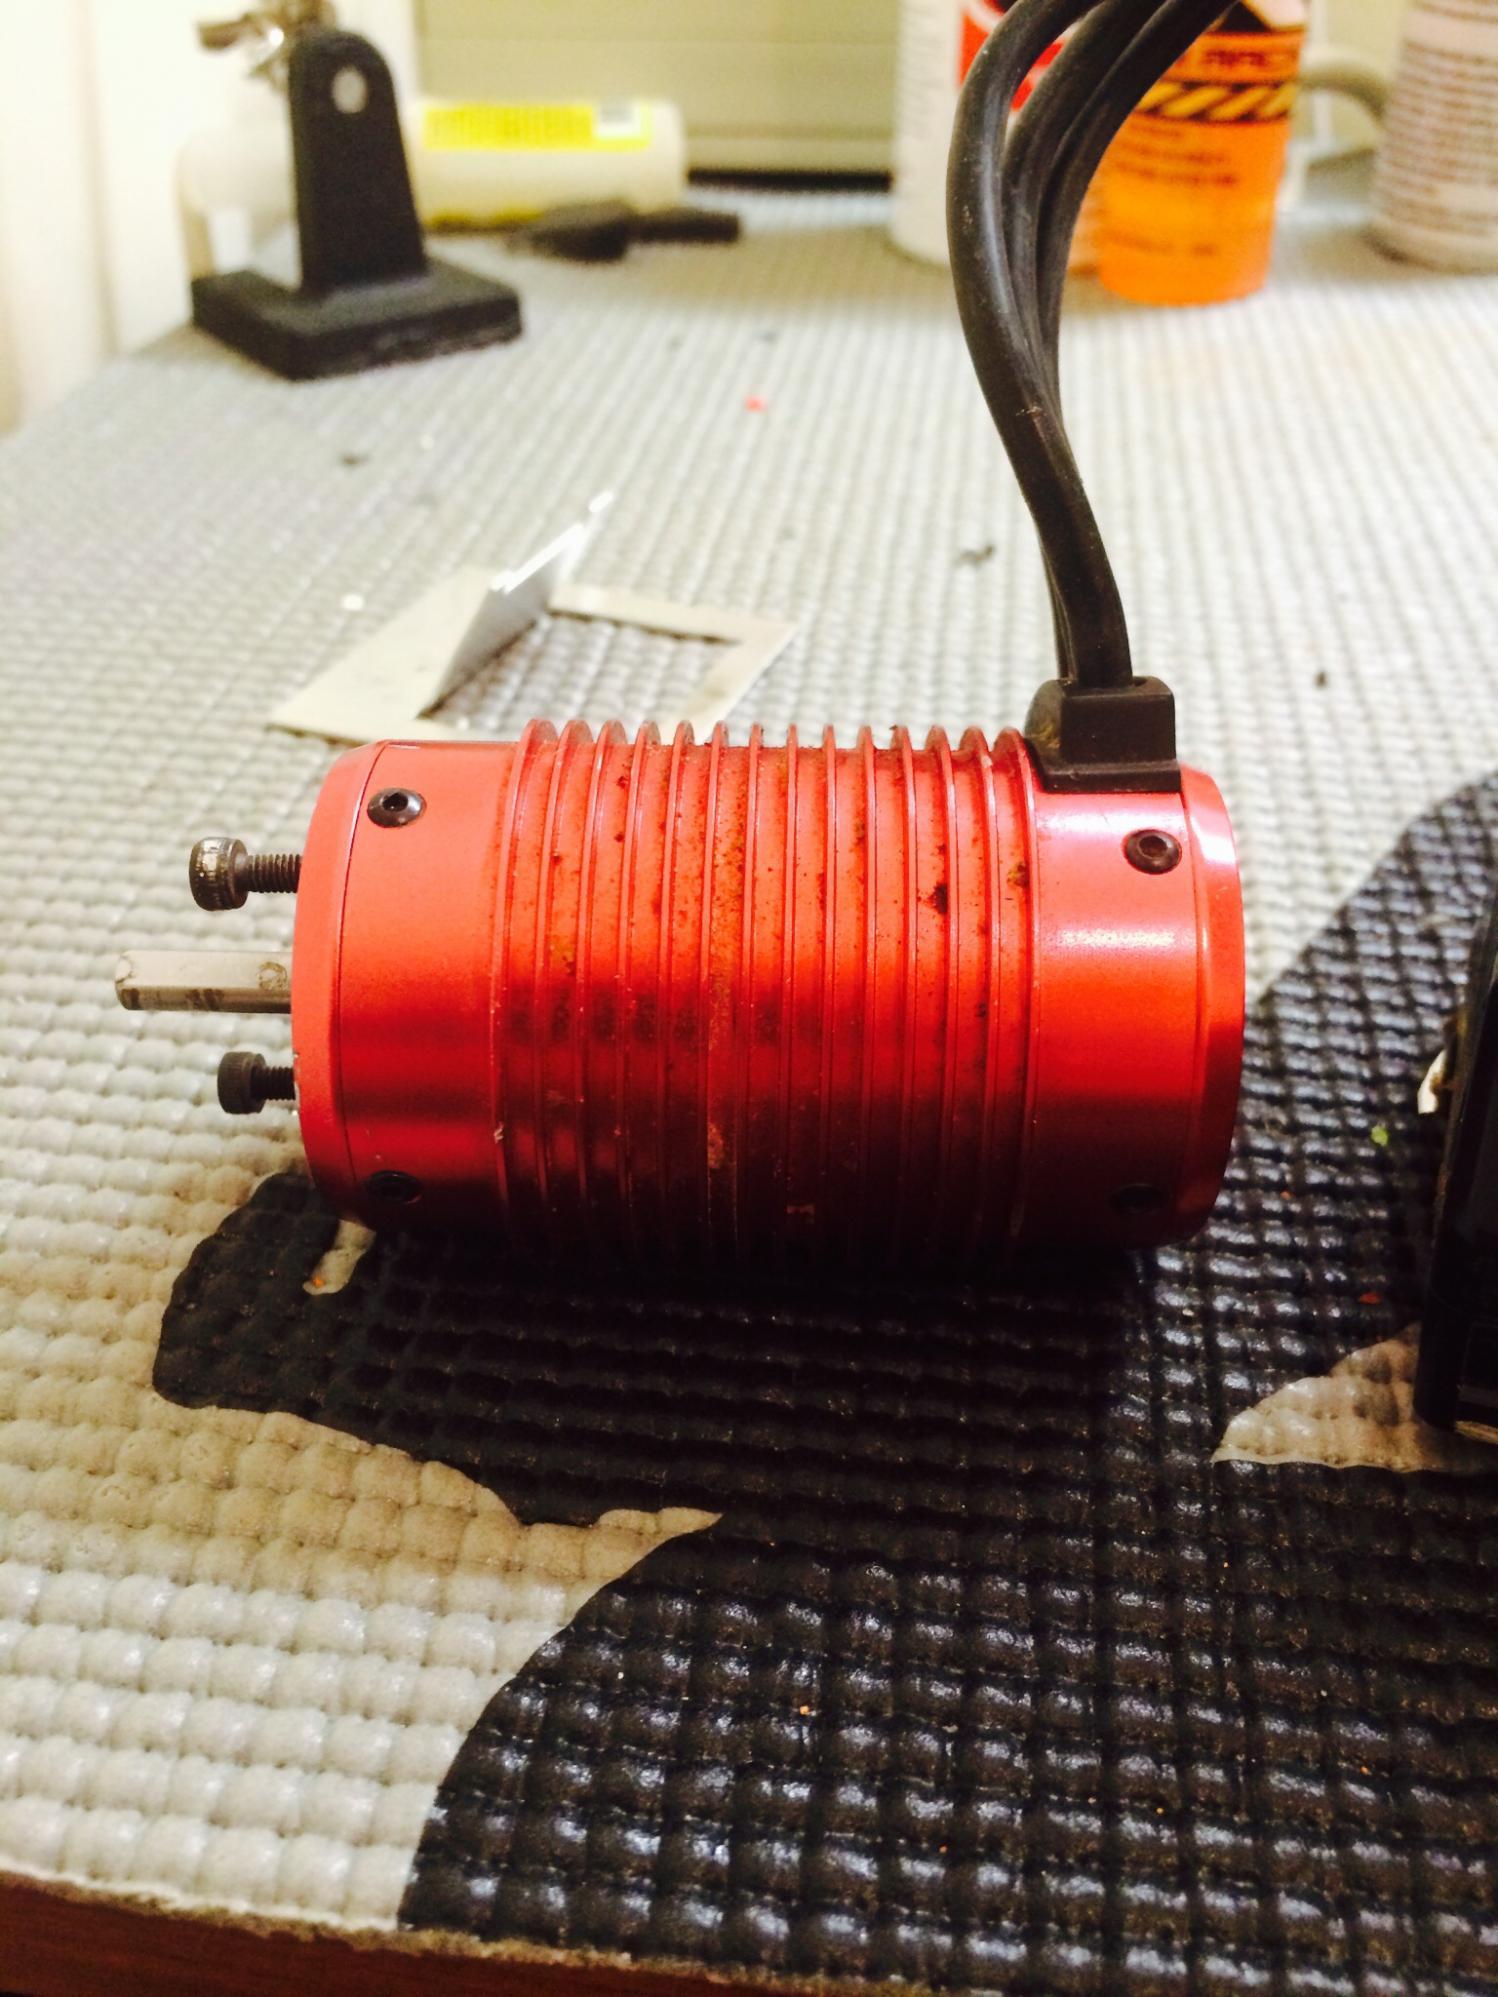 Fs Trackstar 1900 Kv Brushless Motor Sensor Less R C